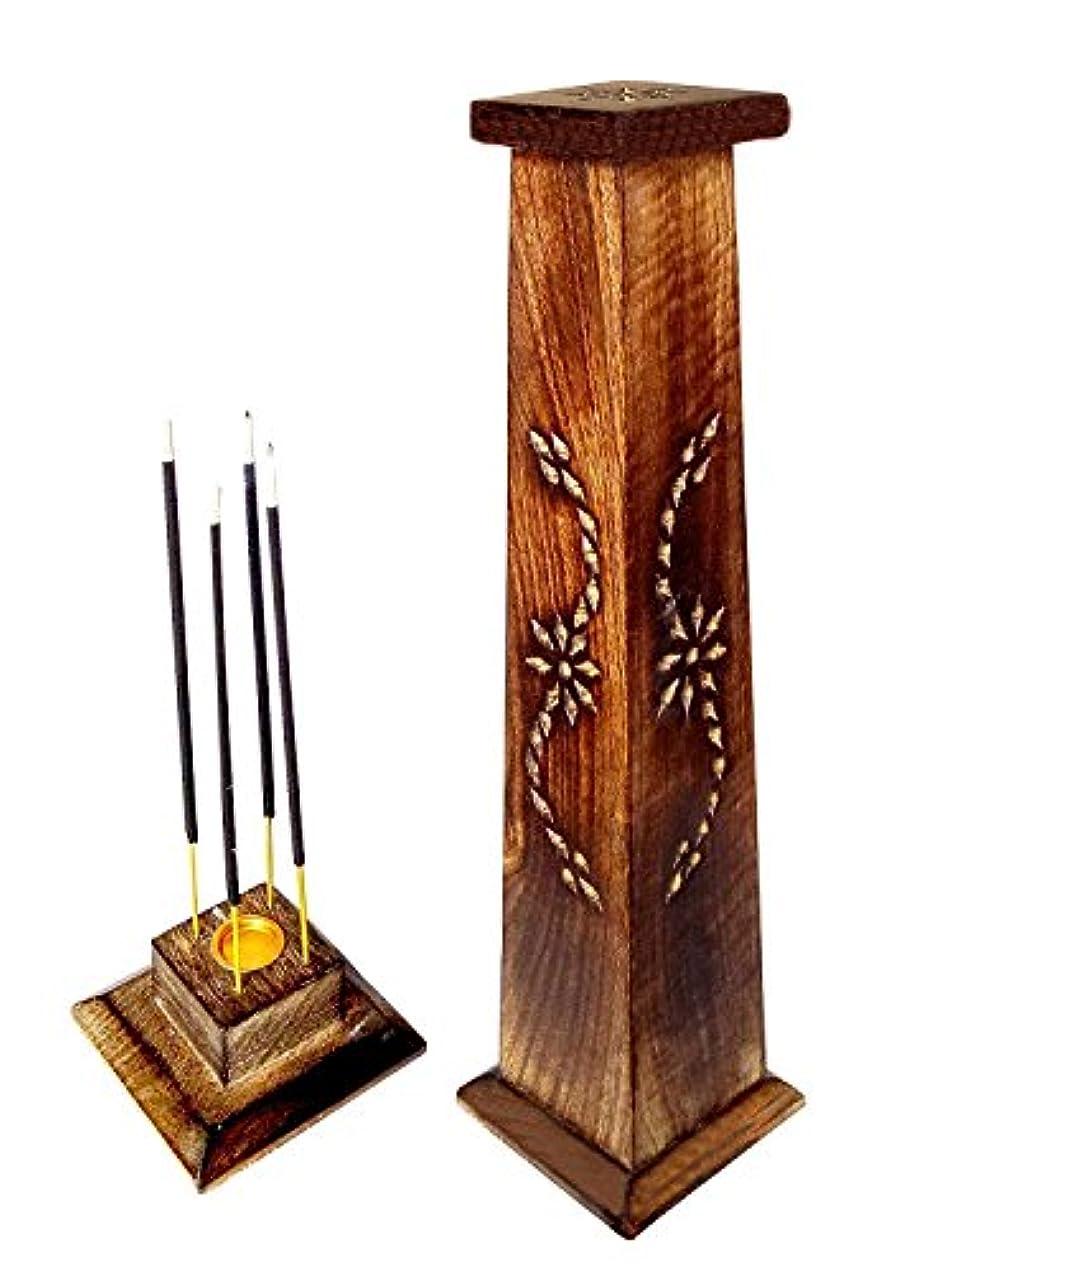 くつろぎ前書き受け取る木製香炉Ideal for Aromatherapy、禅、Spa、Vastu、レイキChakra Votive Candle Garden Incense Tower 12